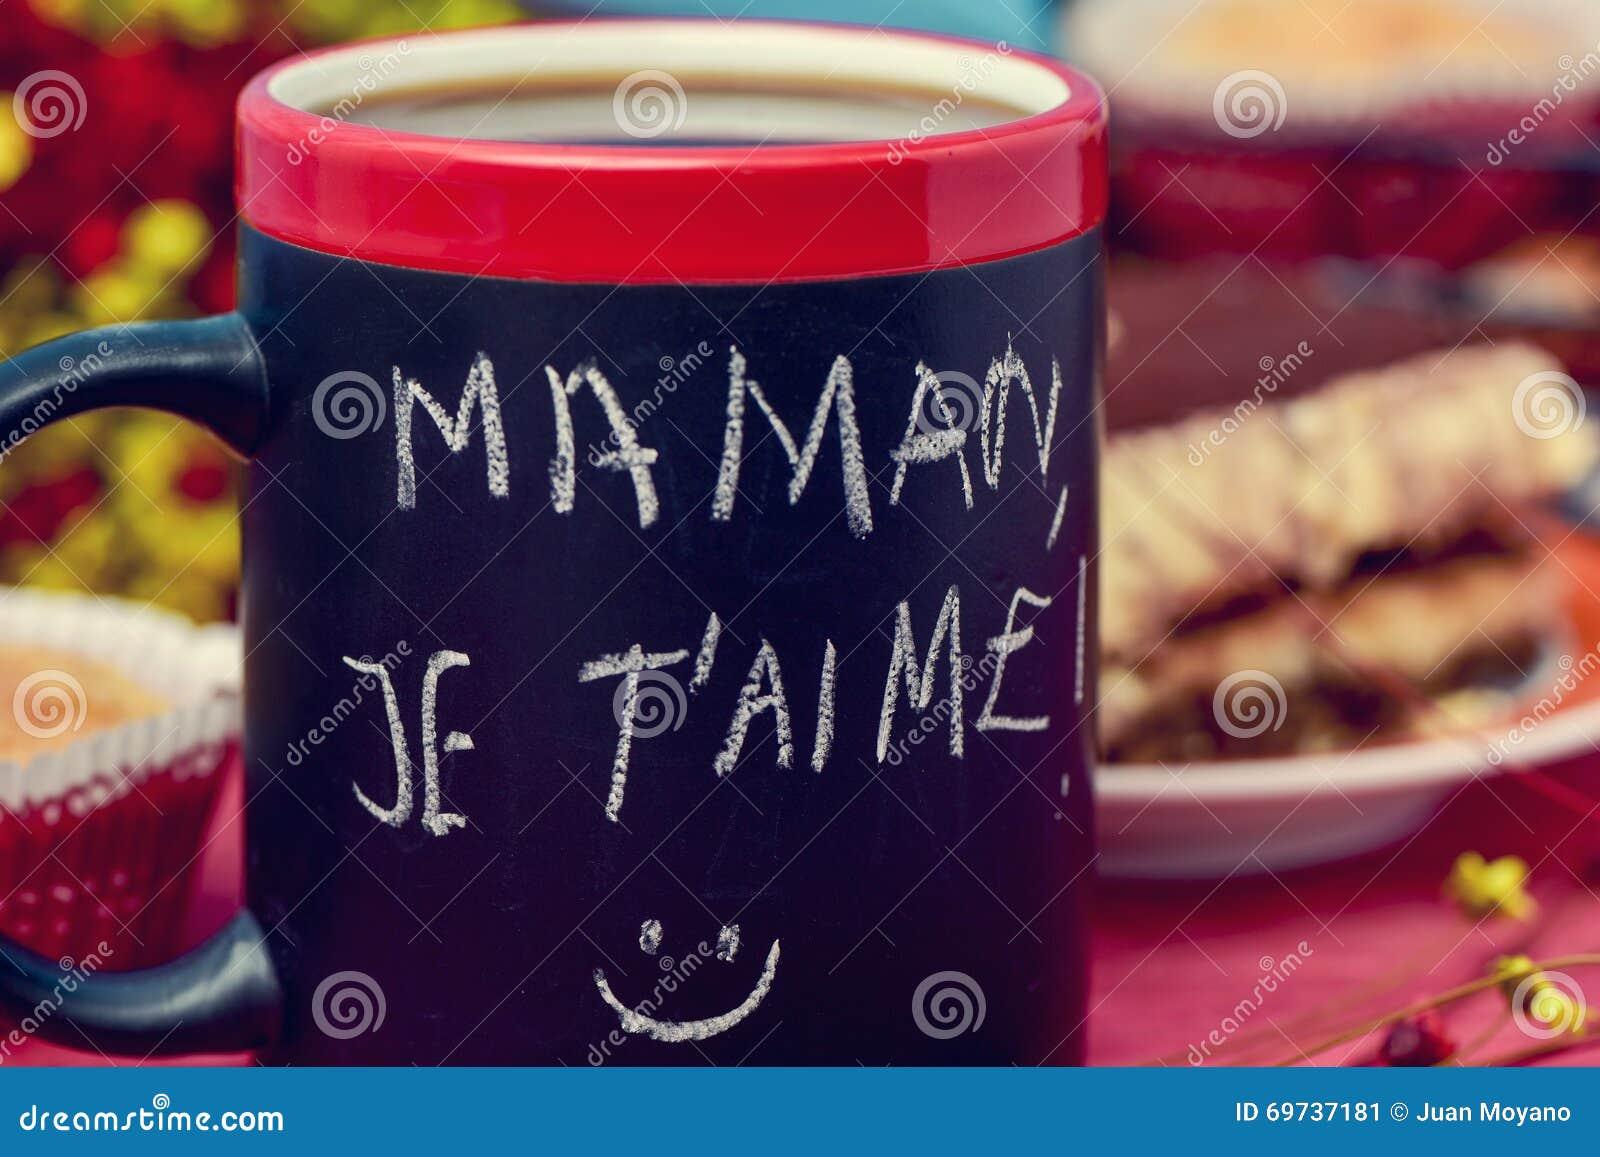 Aime Del Je T Del Maman Del Desayuno Y Del Texto Te Amo